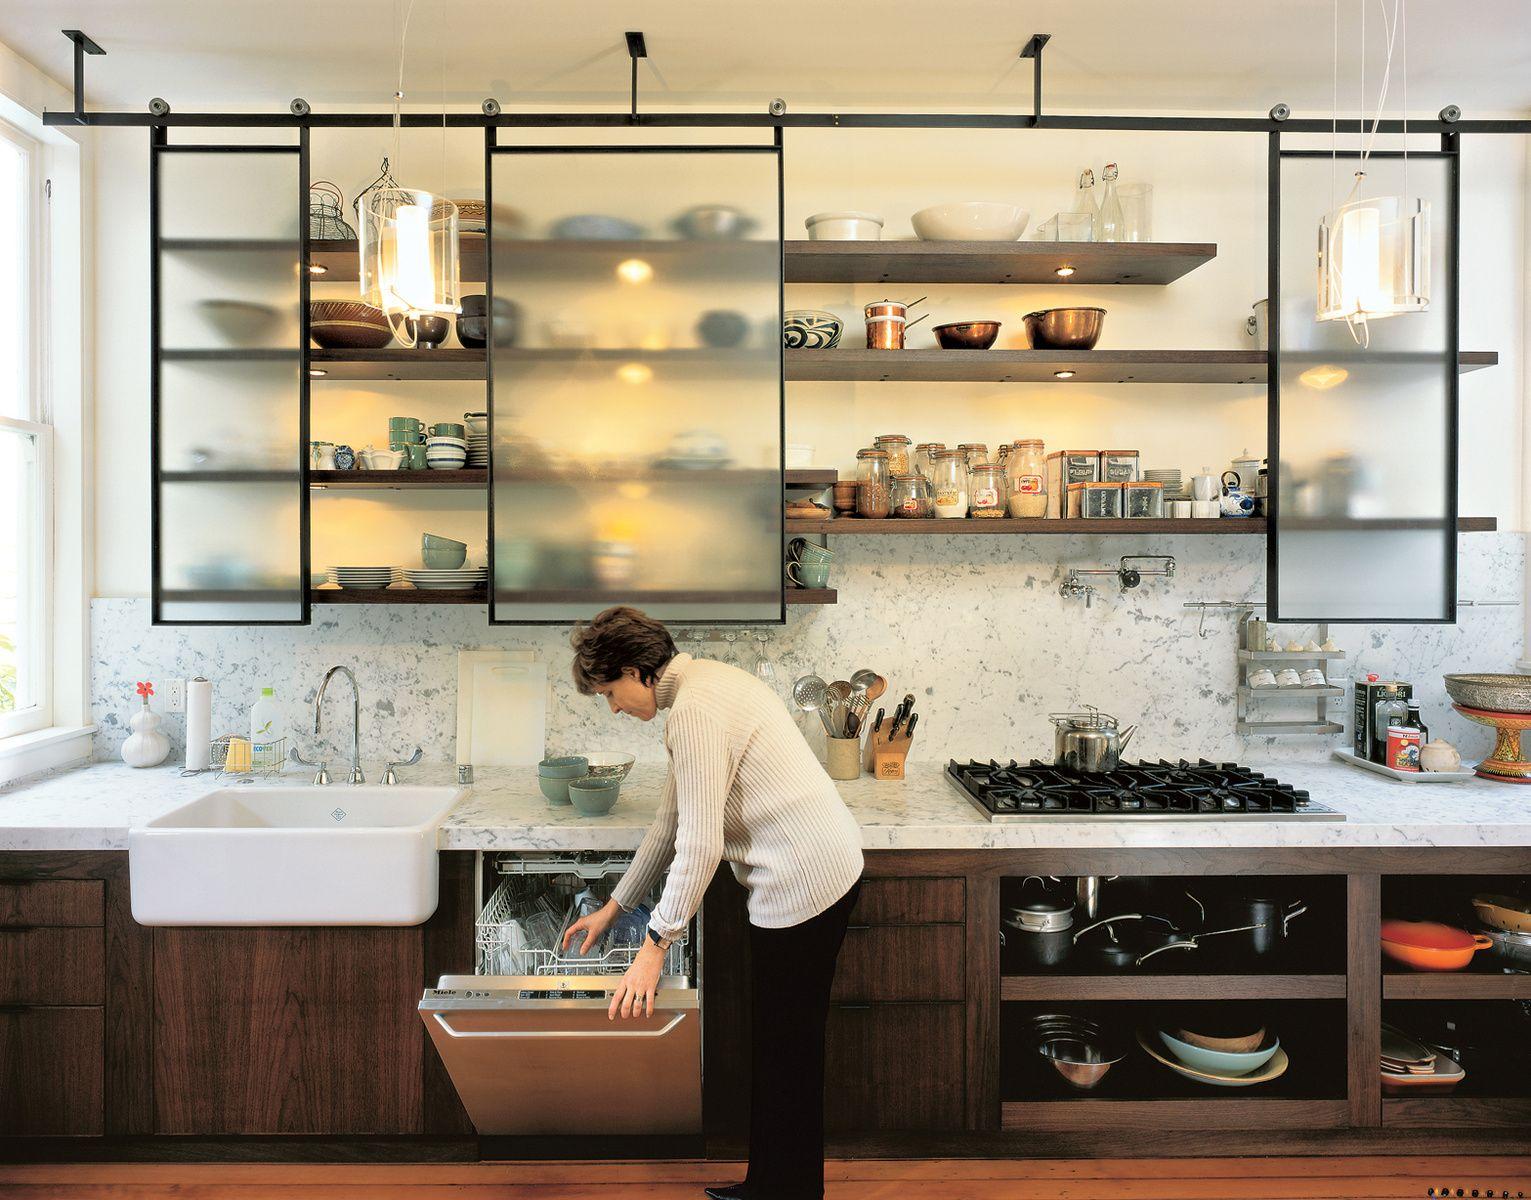 Slideshow Victorian Revival Kitchen Renovation Open Kitchen Shelves Kitchen Trends